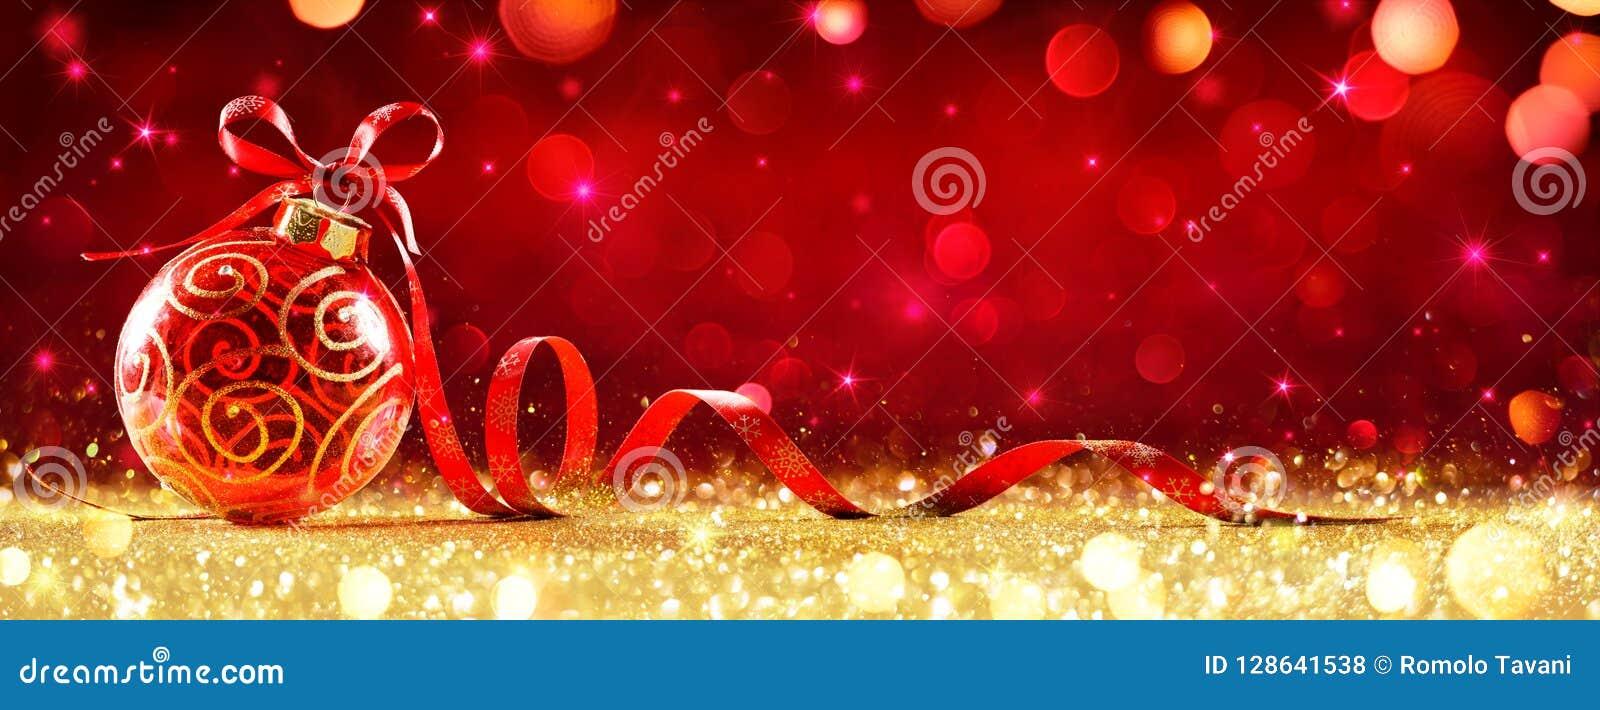 与弓的红色圣诞节球形